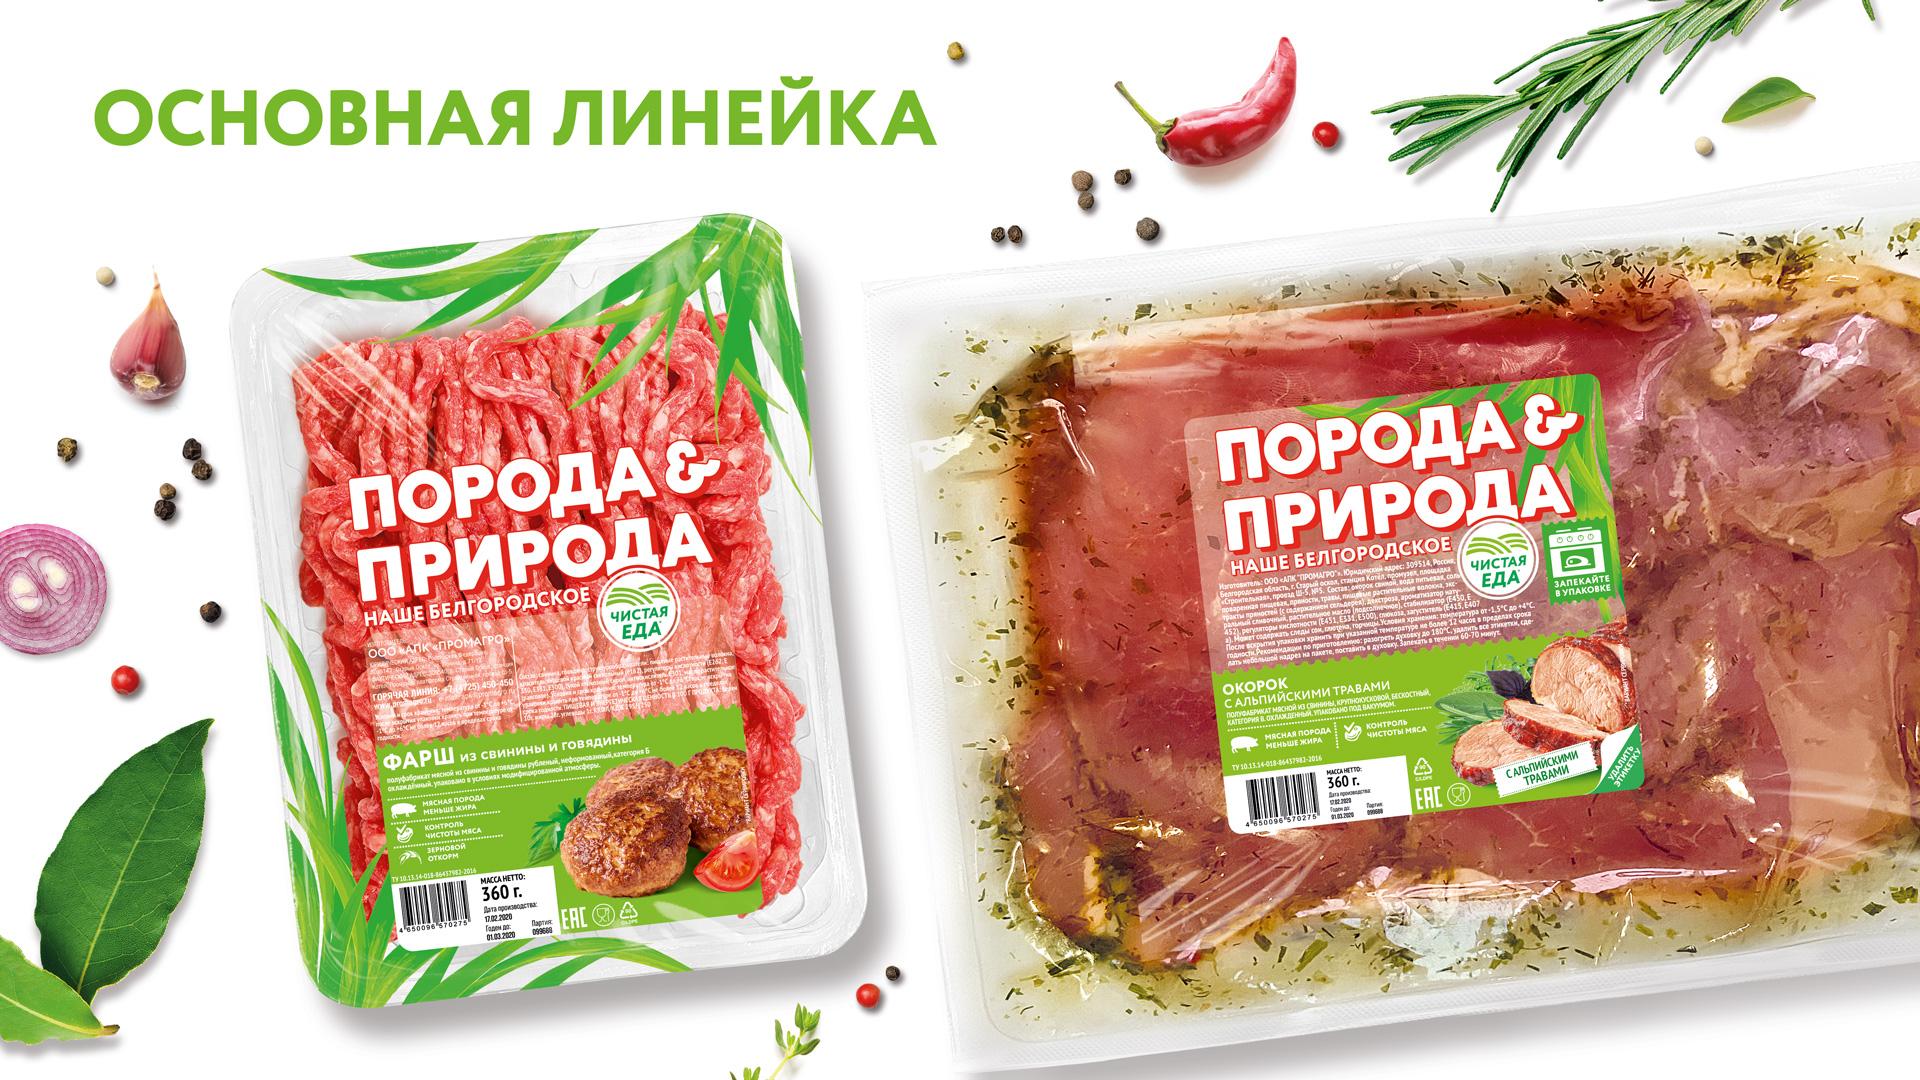 Разработка дизайна упаковки основной линейки мясных продуктов и охлаждённой свинины